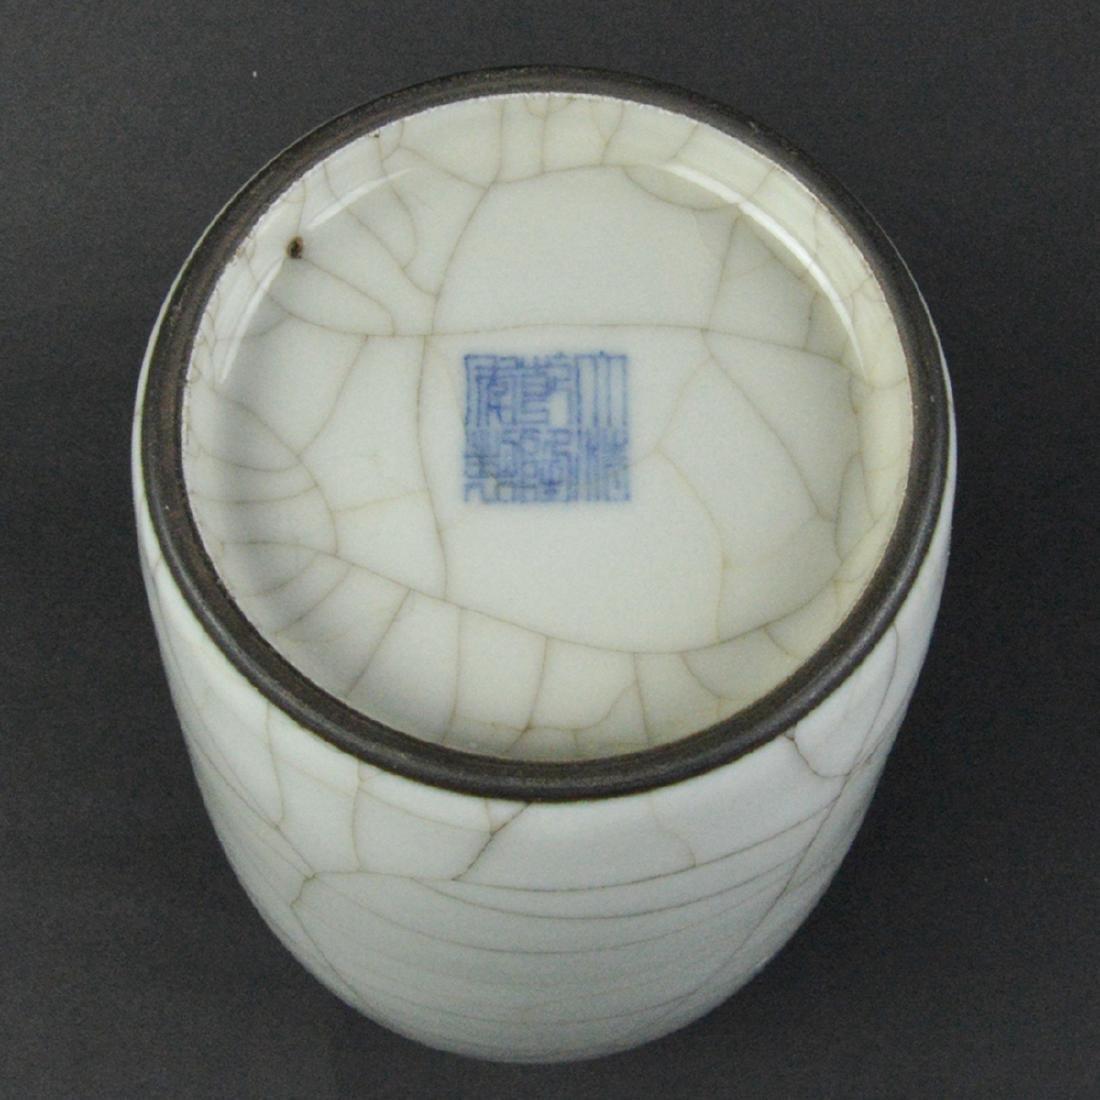 CHINESE CRACKLE GLAZED VASE - 6